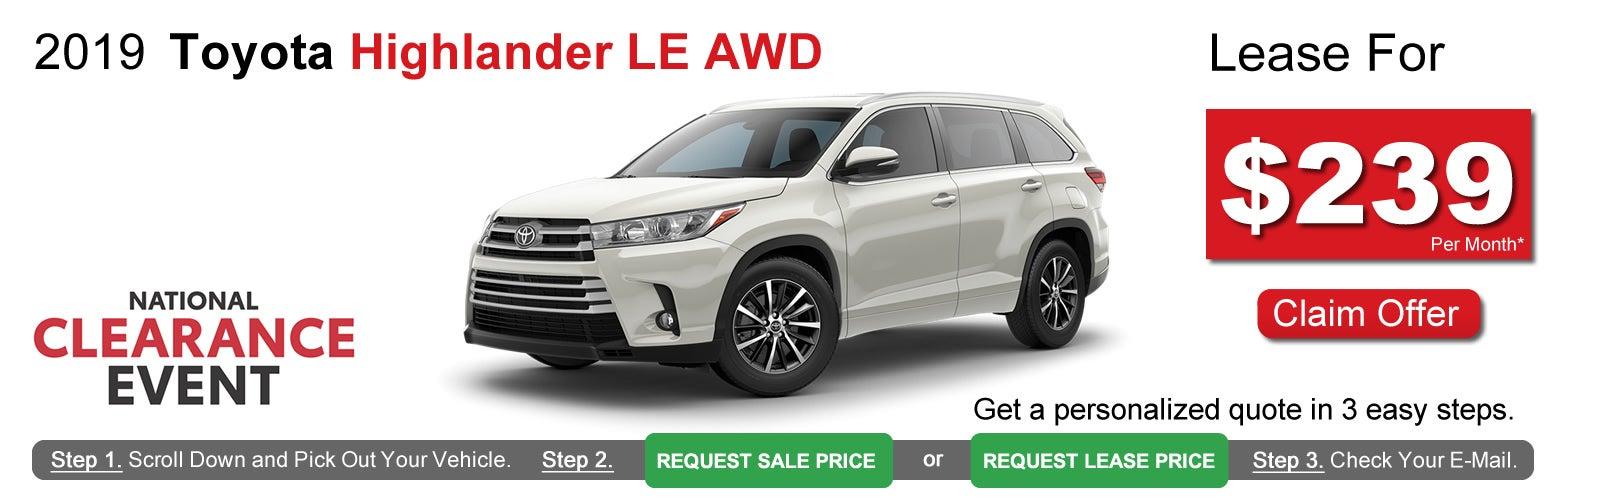 Toyota Highlander Lease >> Toyota Highlander Lease Deals Near Boston Ma Lease Offers